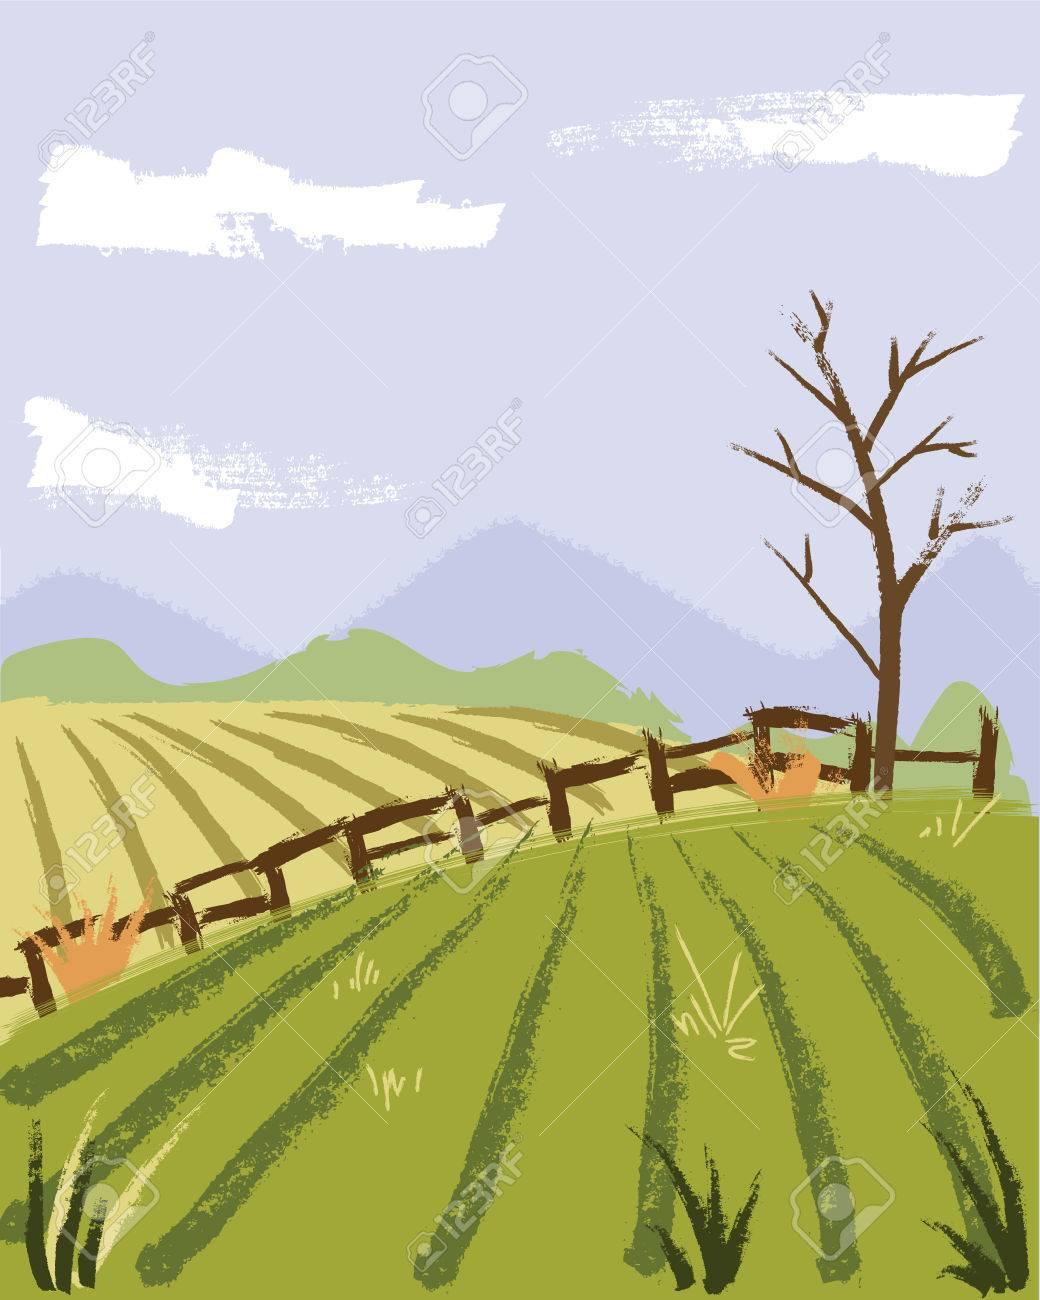 Boyama Tarzı çiftçi Alan Illüstrasyonu Royalty Free Klipartlar